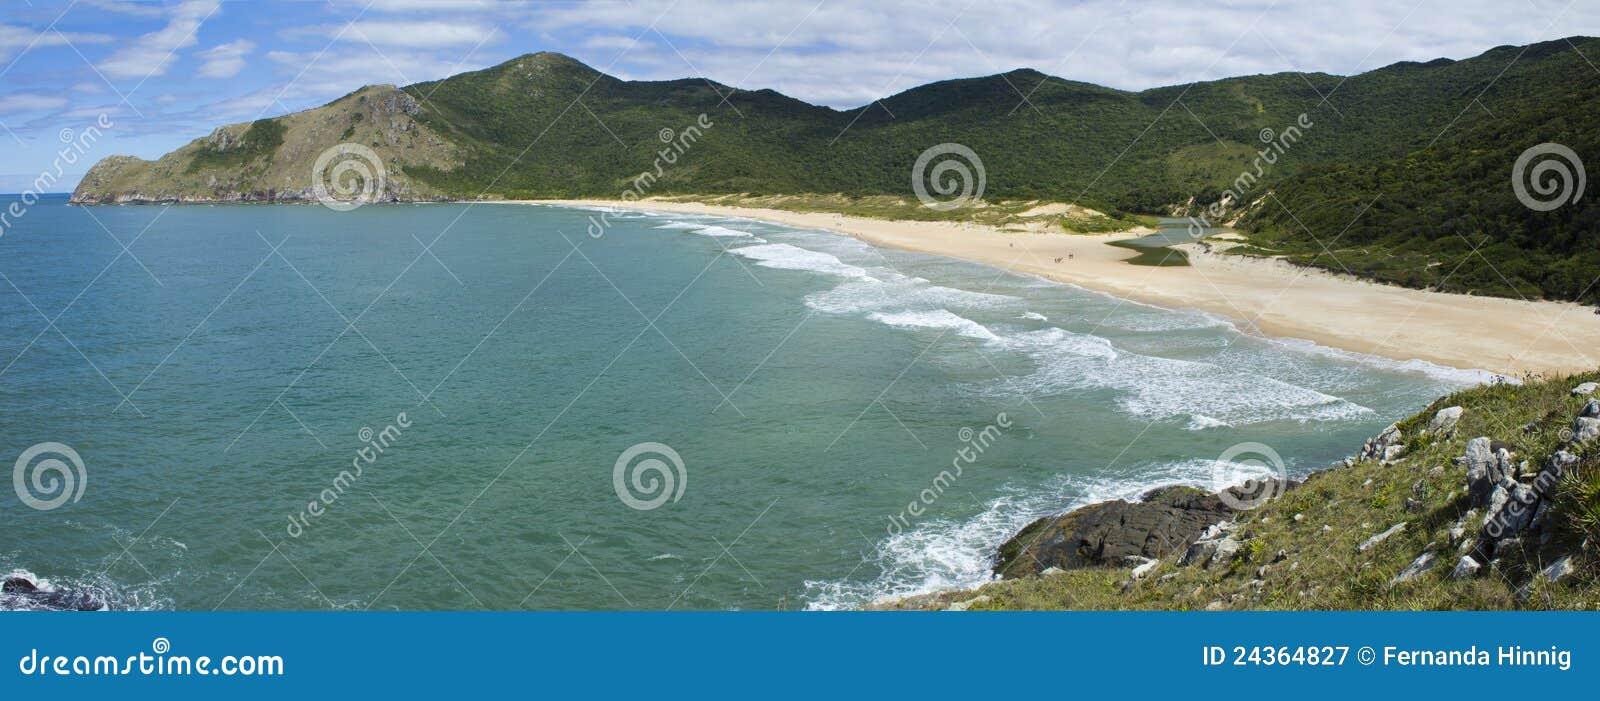 Spiaggia in Florianopolis